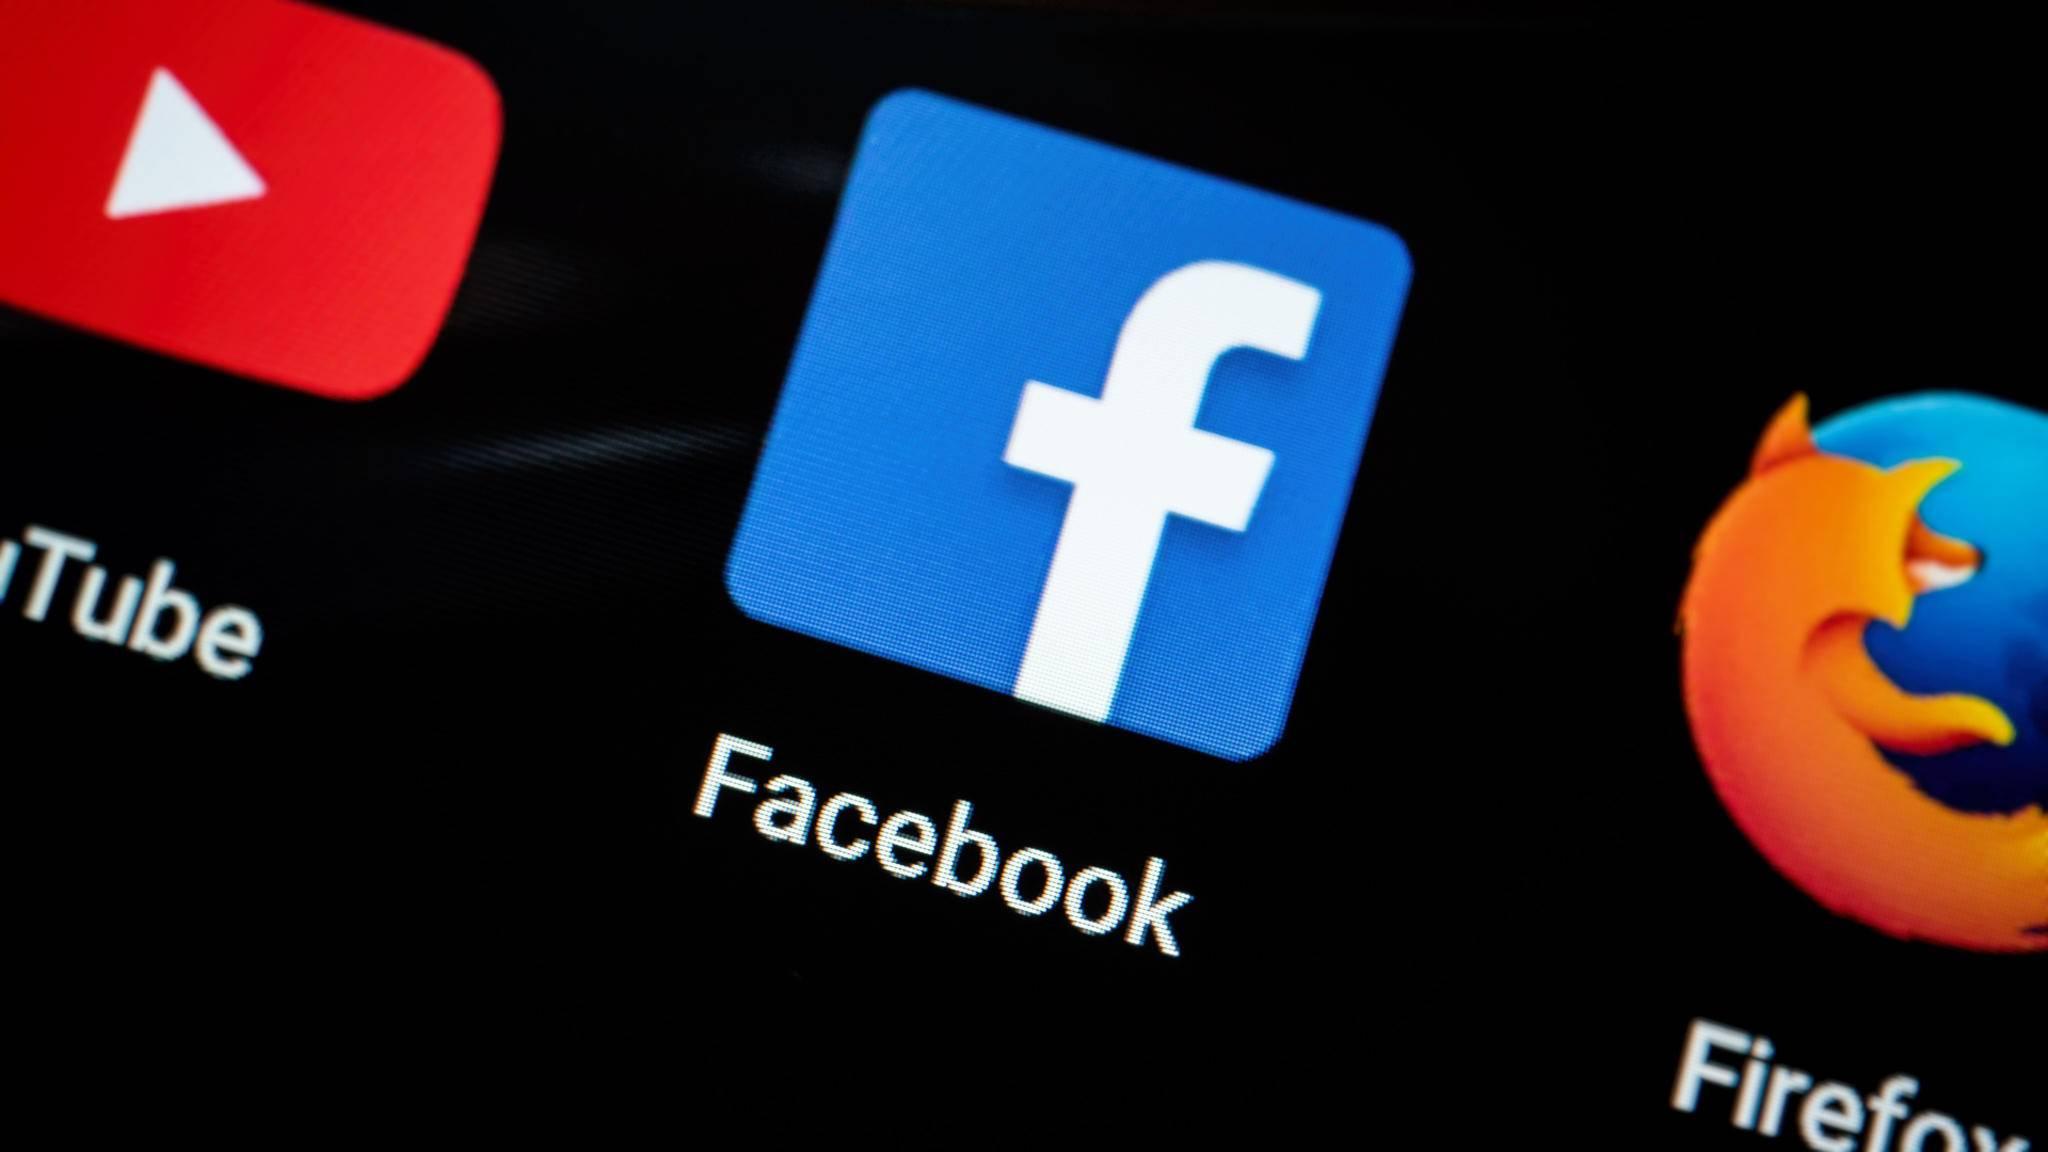 Bei Facebook verbrauchen gerade die Videos viel Datenvolumen.